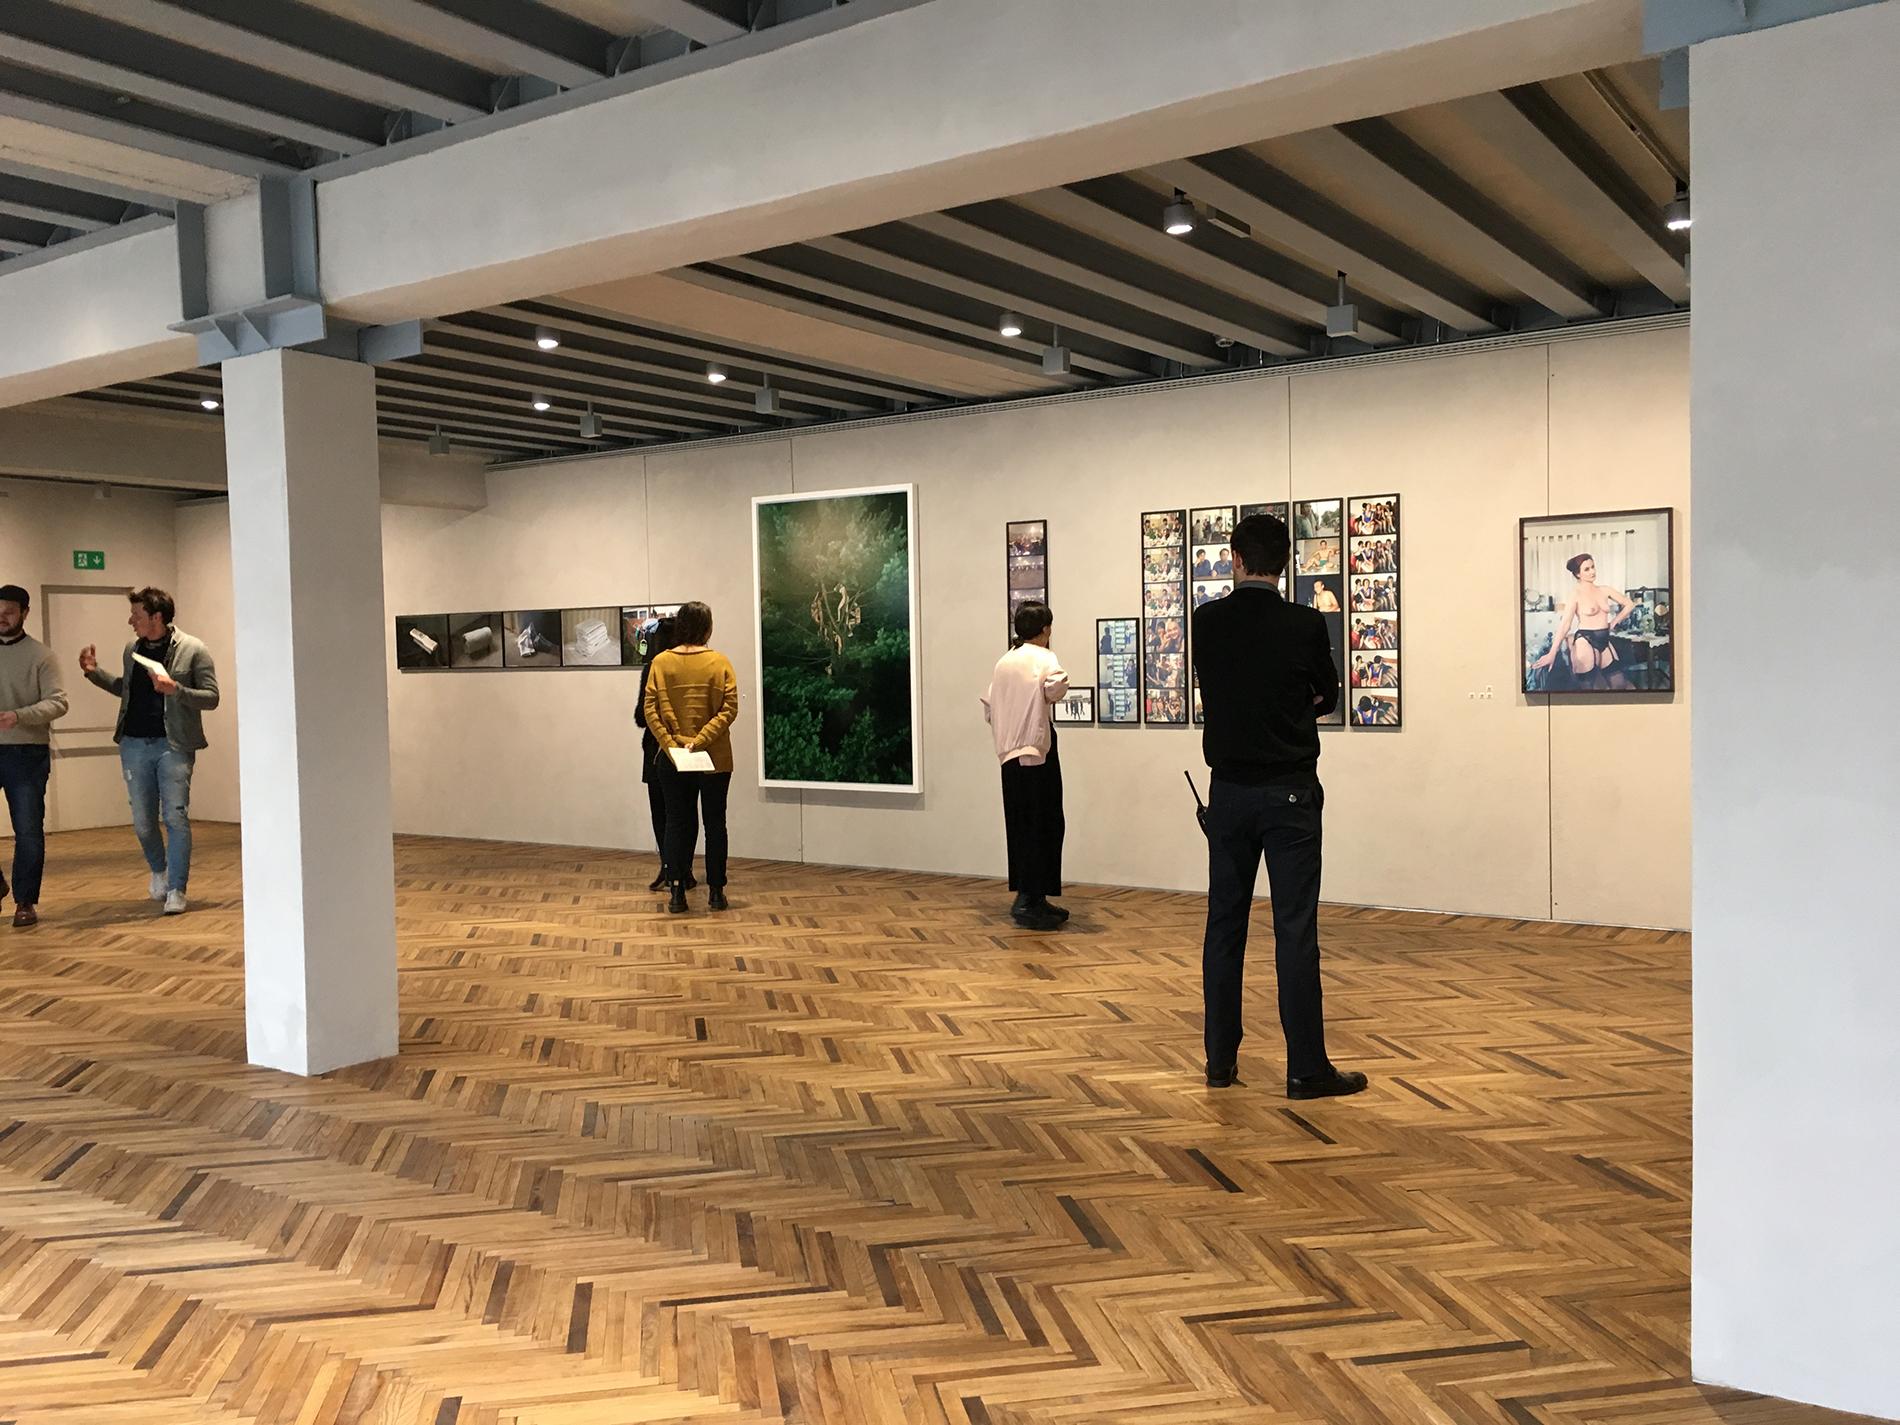 Fondazione Prada Osservatorio, exhibition view (Foto: Barbara Fässler)